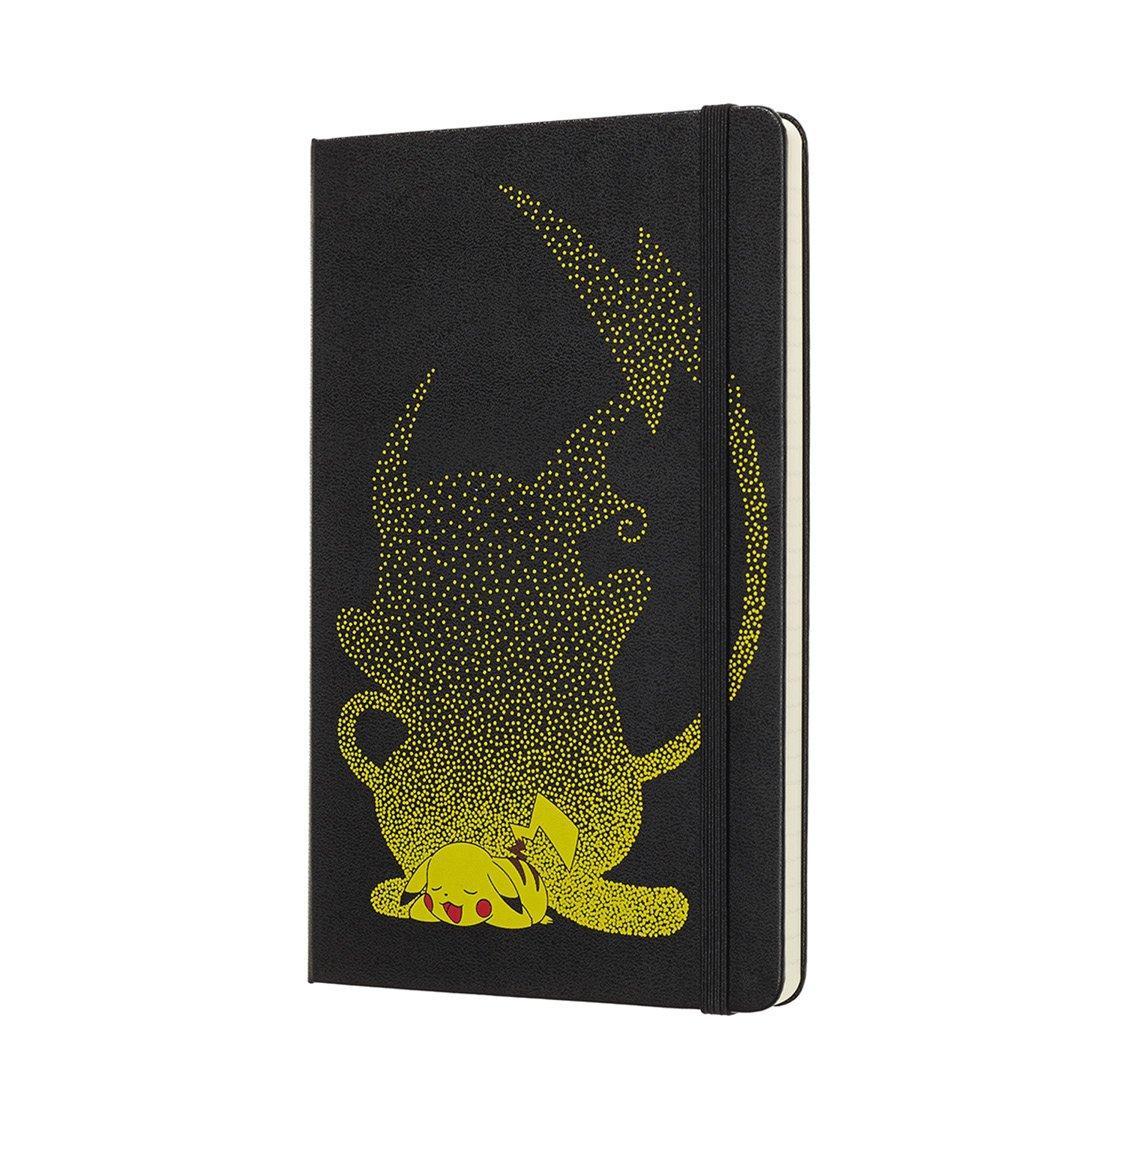 Moleskine Limited Edition Large Ruled Pokemon Pikachu